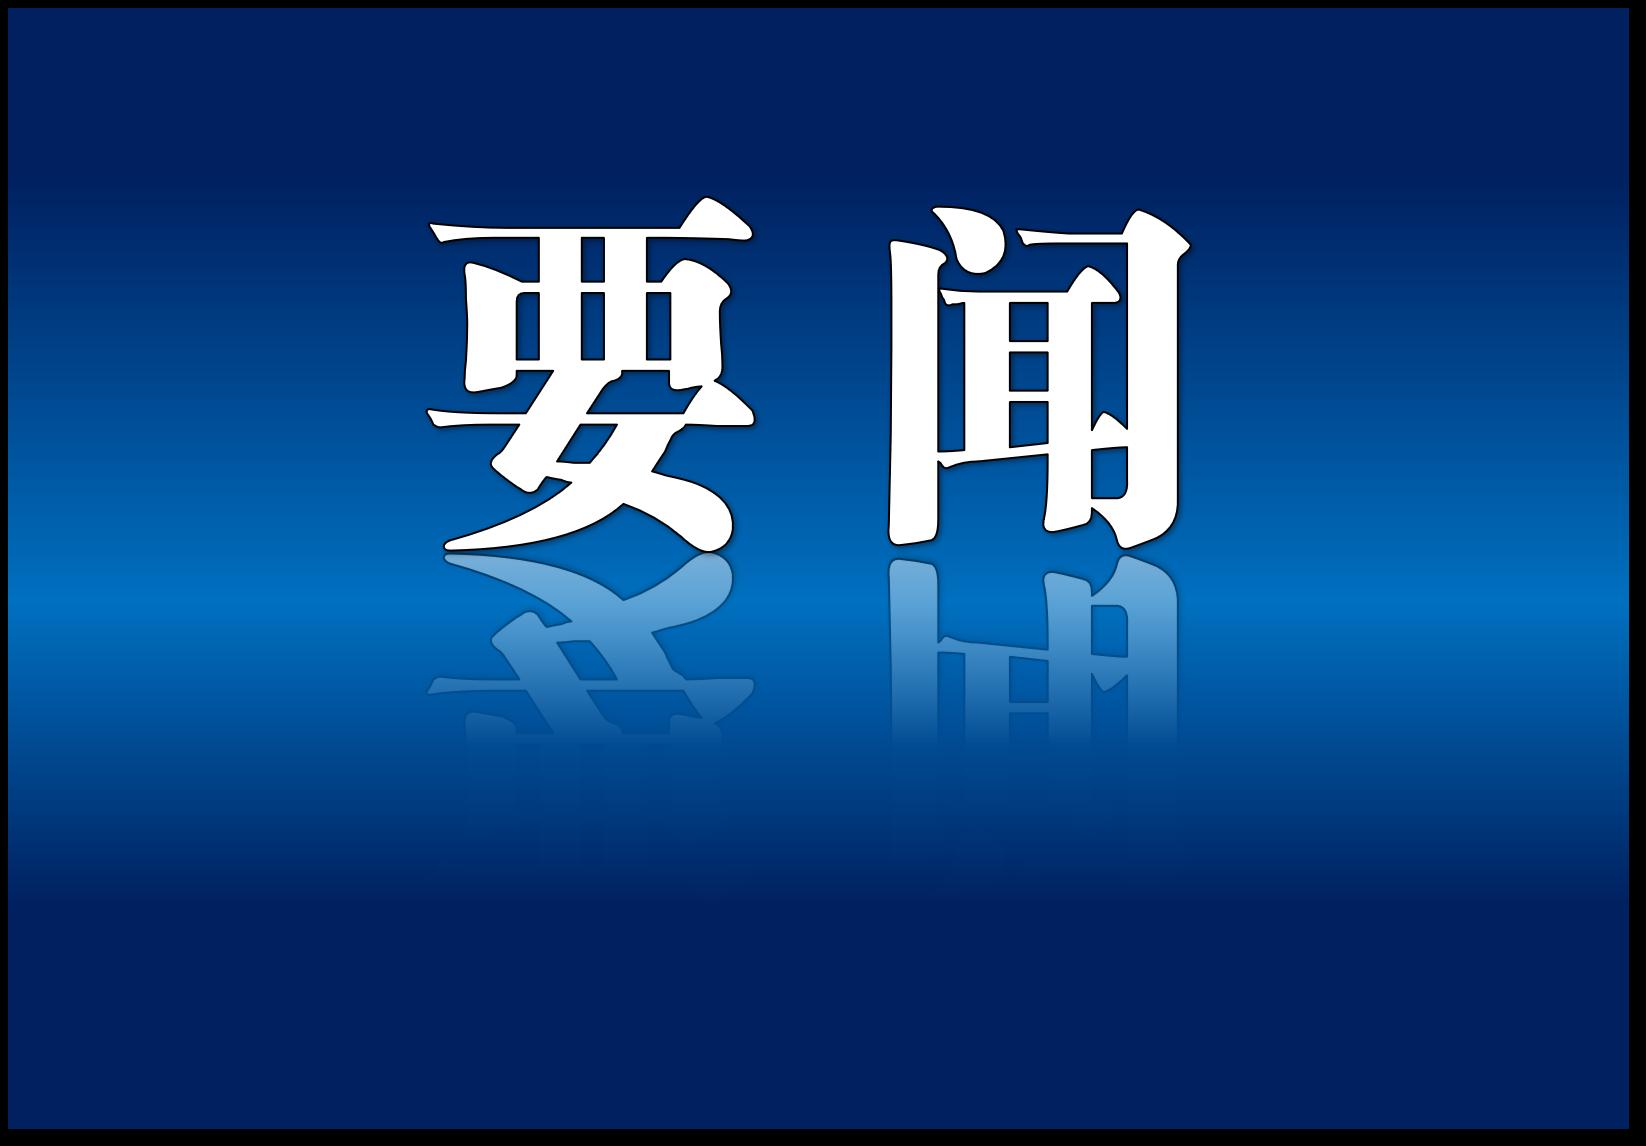 赵乐际:充分发挥巡视监督作用 有力促进全面建成小康社会